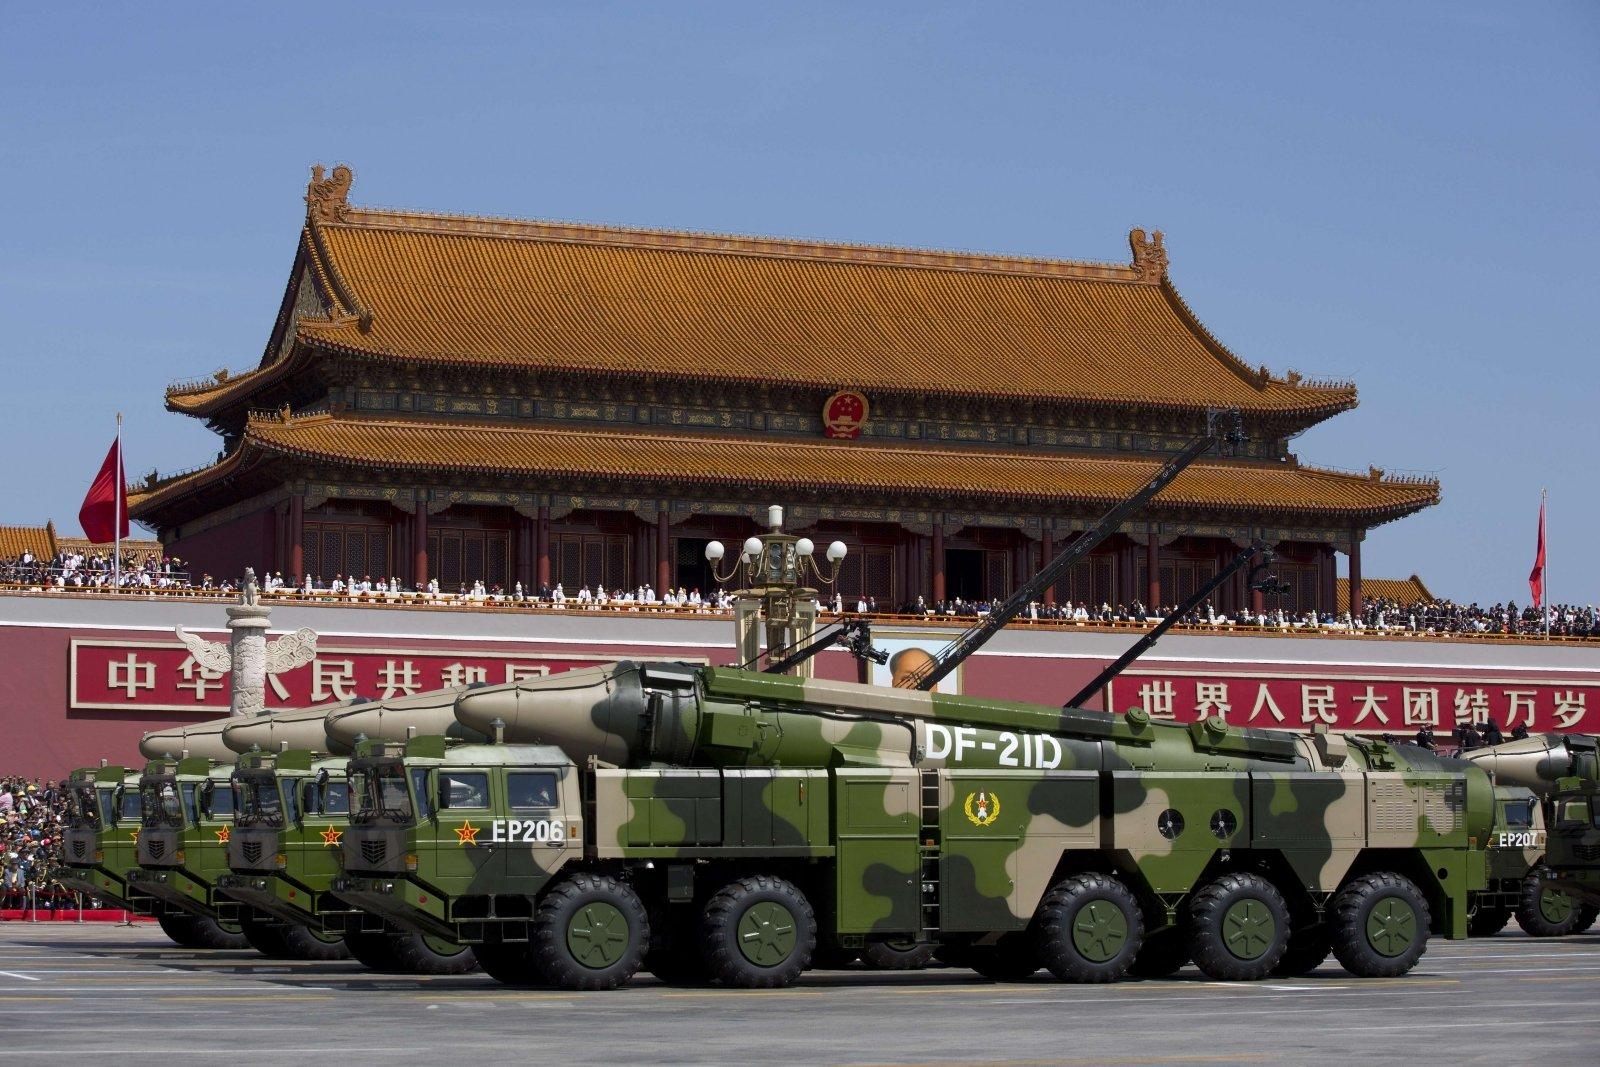 sidnėjaus universiteto kinijos strategija tiesioginis pasirinkimo sandorio pavyzdys